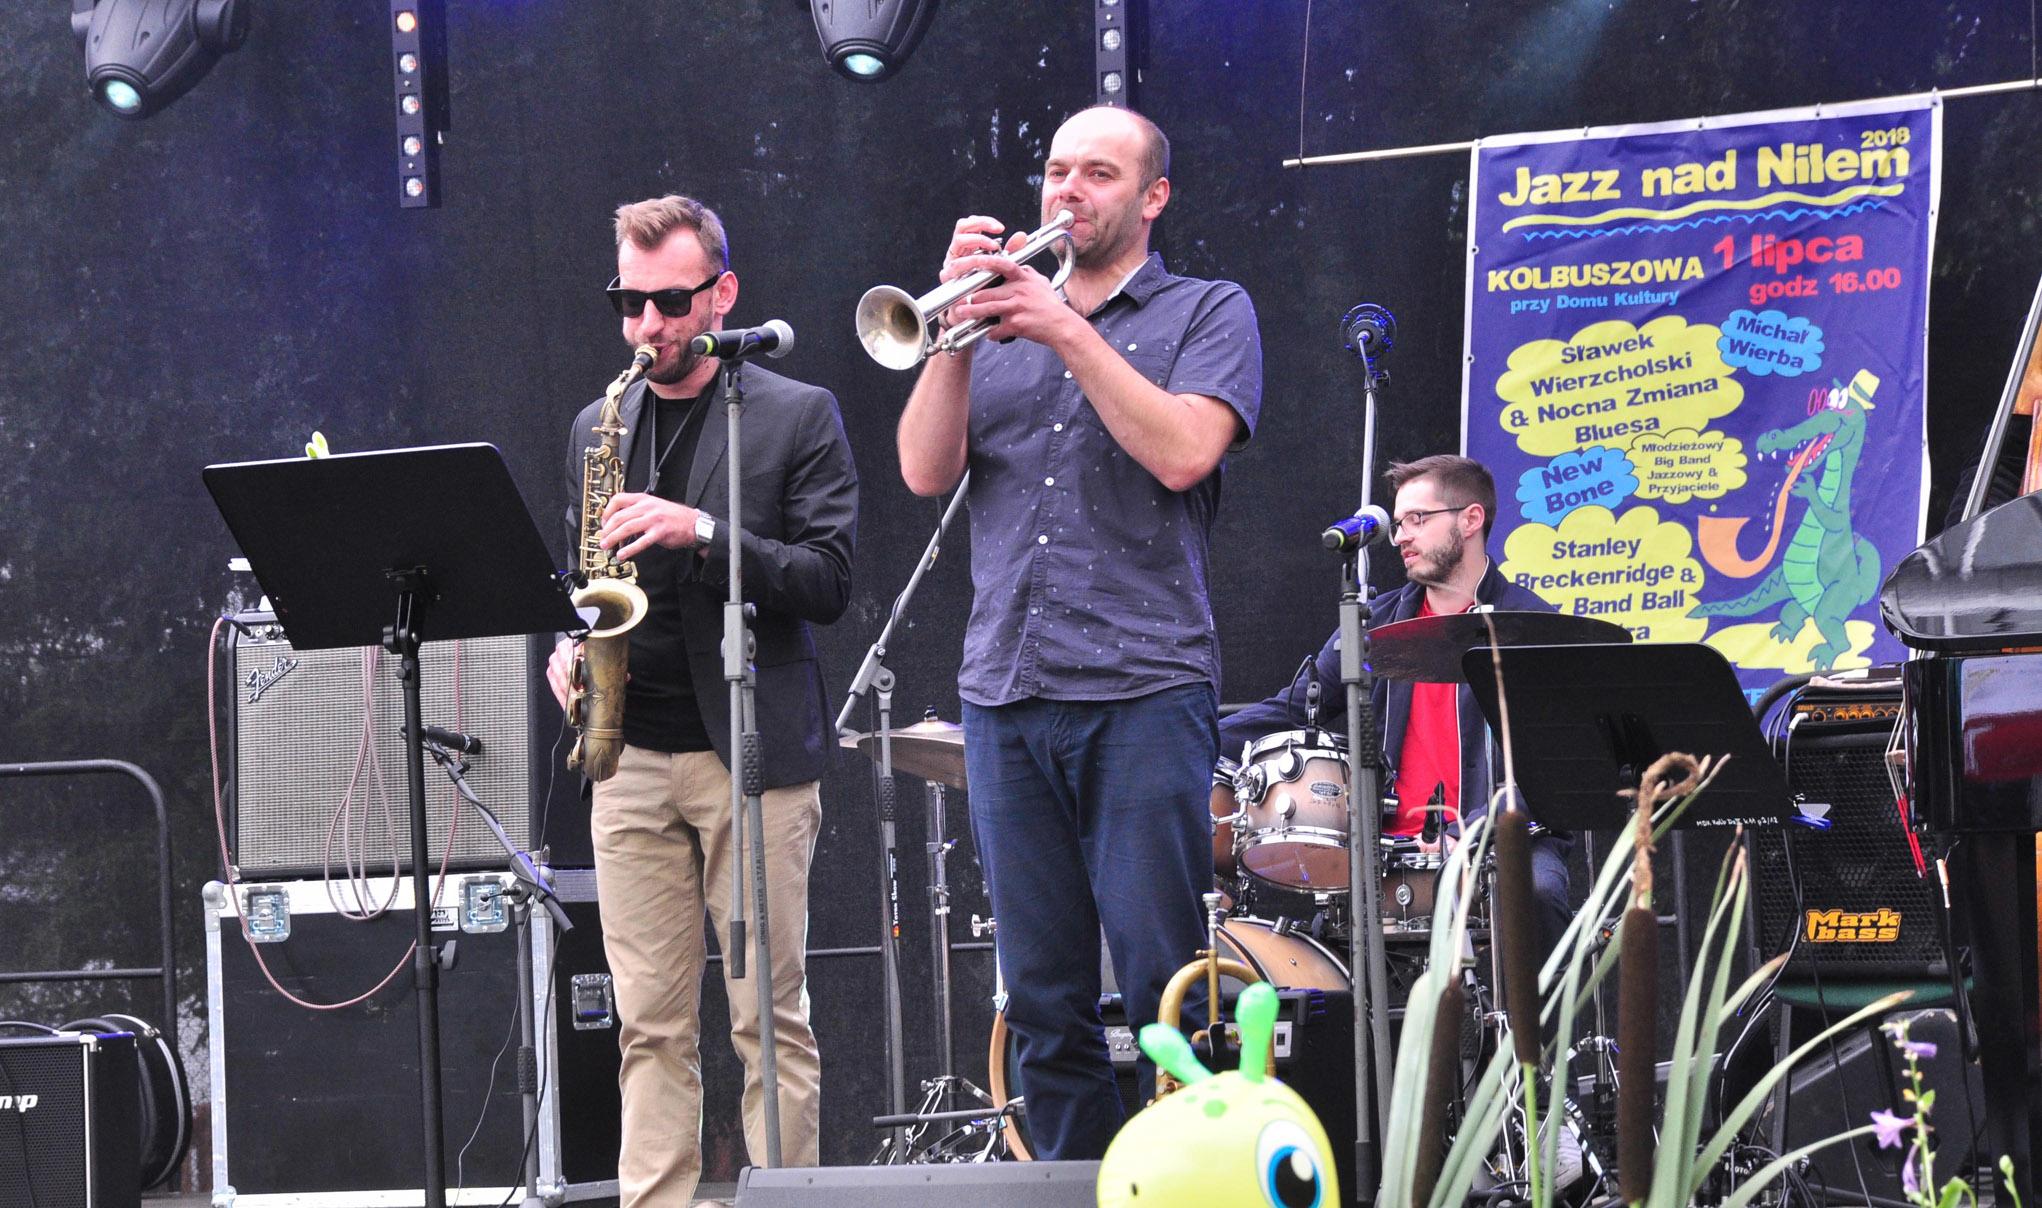 Jazz nad Nilem 2020 w Kolbuszowej. Co w programie? - Zdjęcie główne